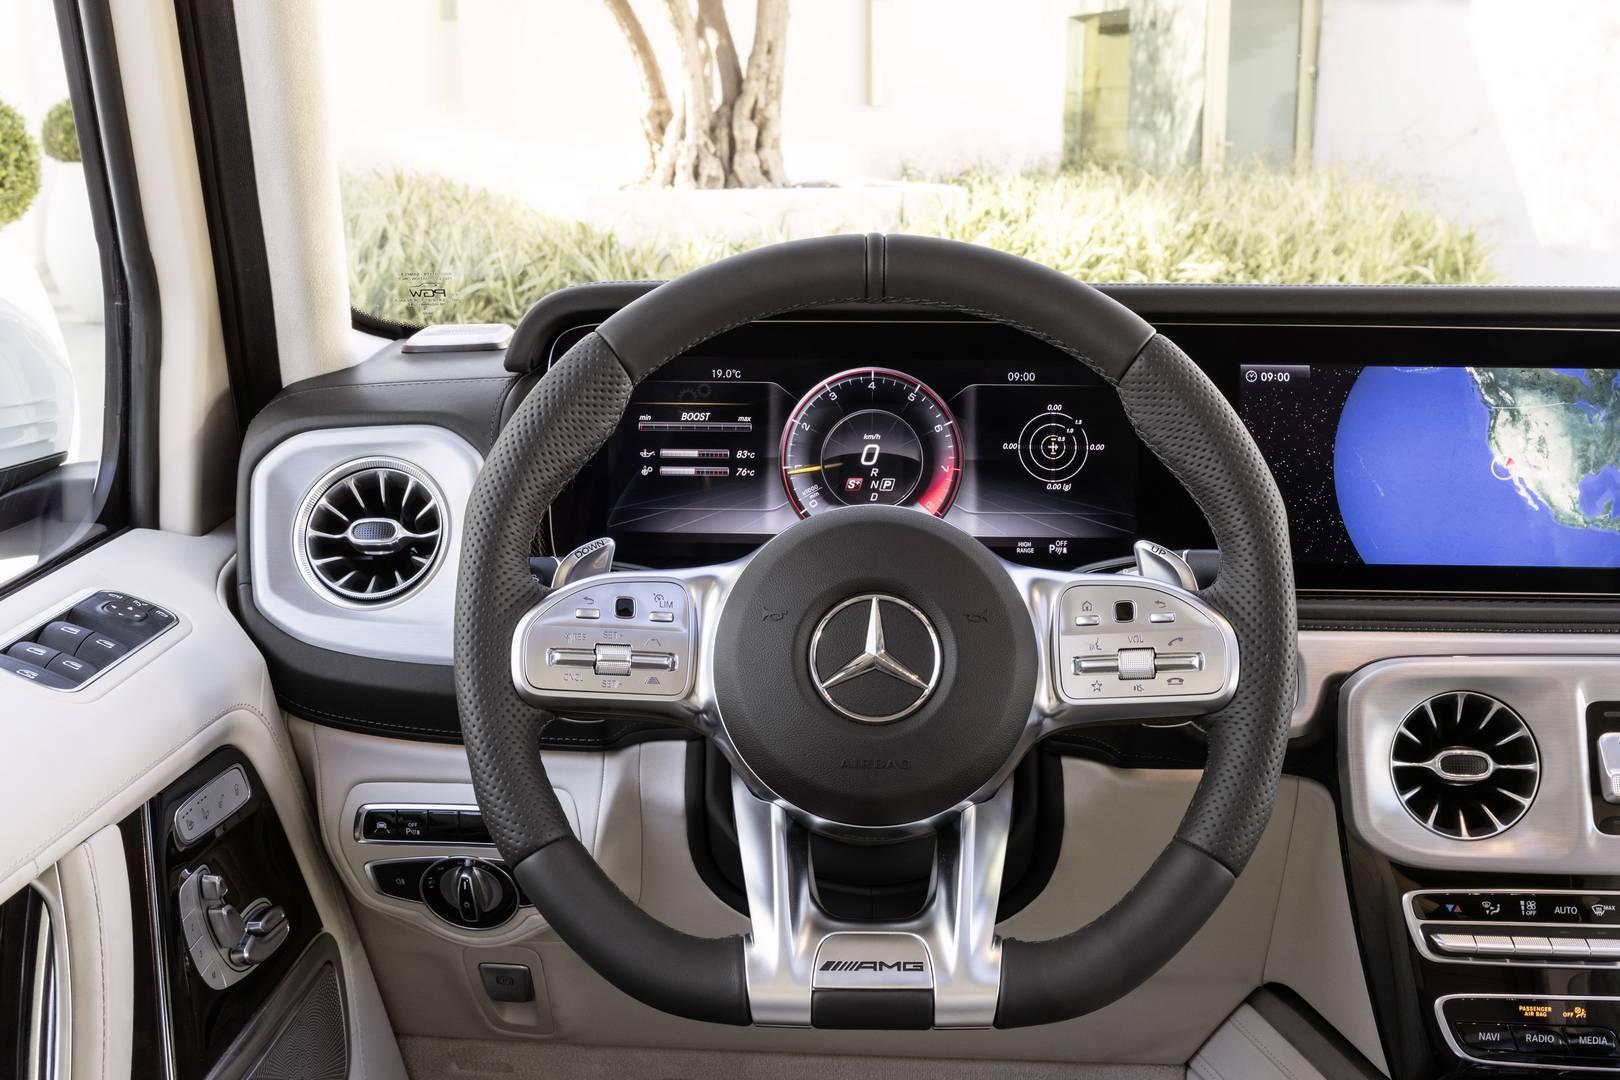 Существует множество систем комфорта и помощи водителю, предназначенных для переноса G-Wagen в современное время.